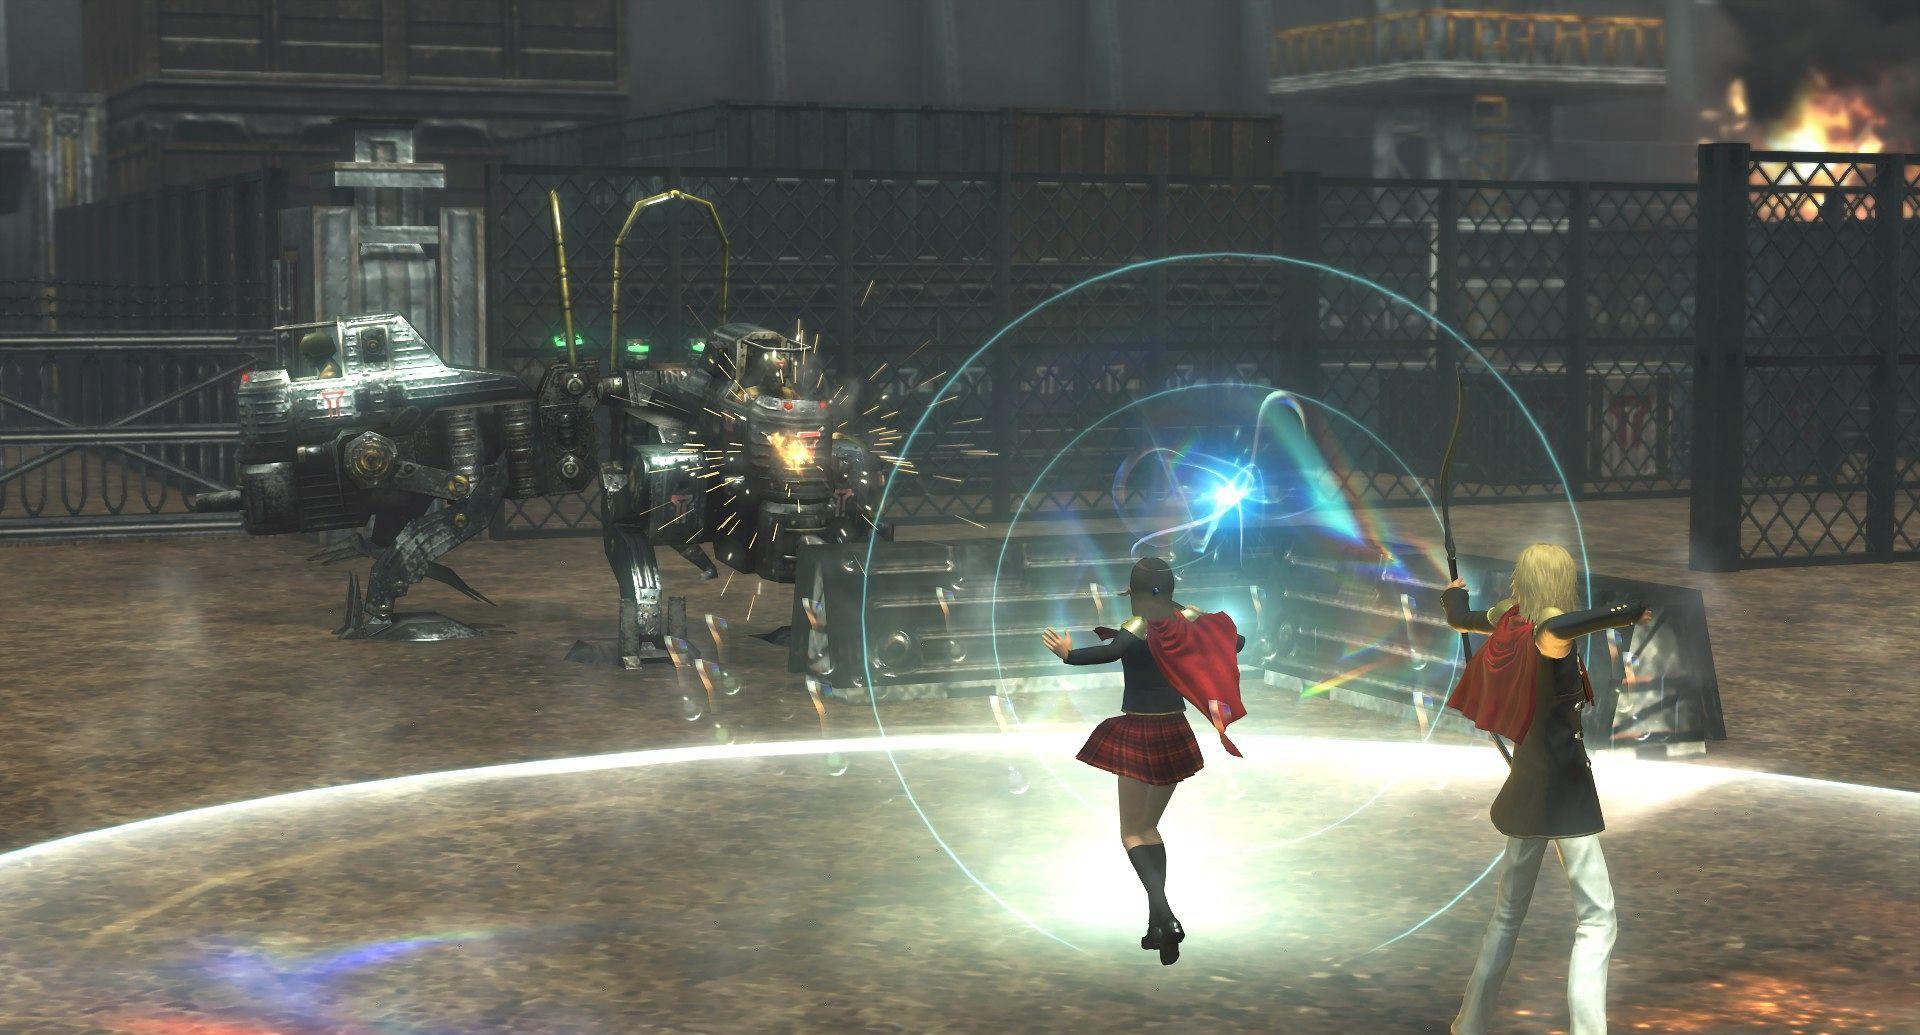 最终幻想:零式HD截图11